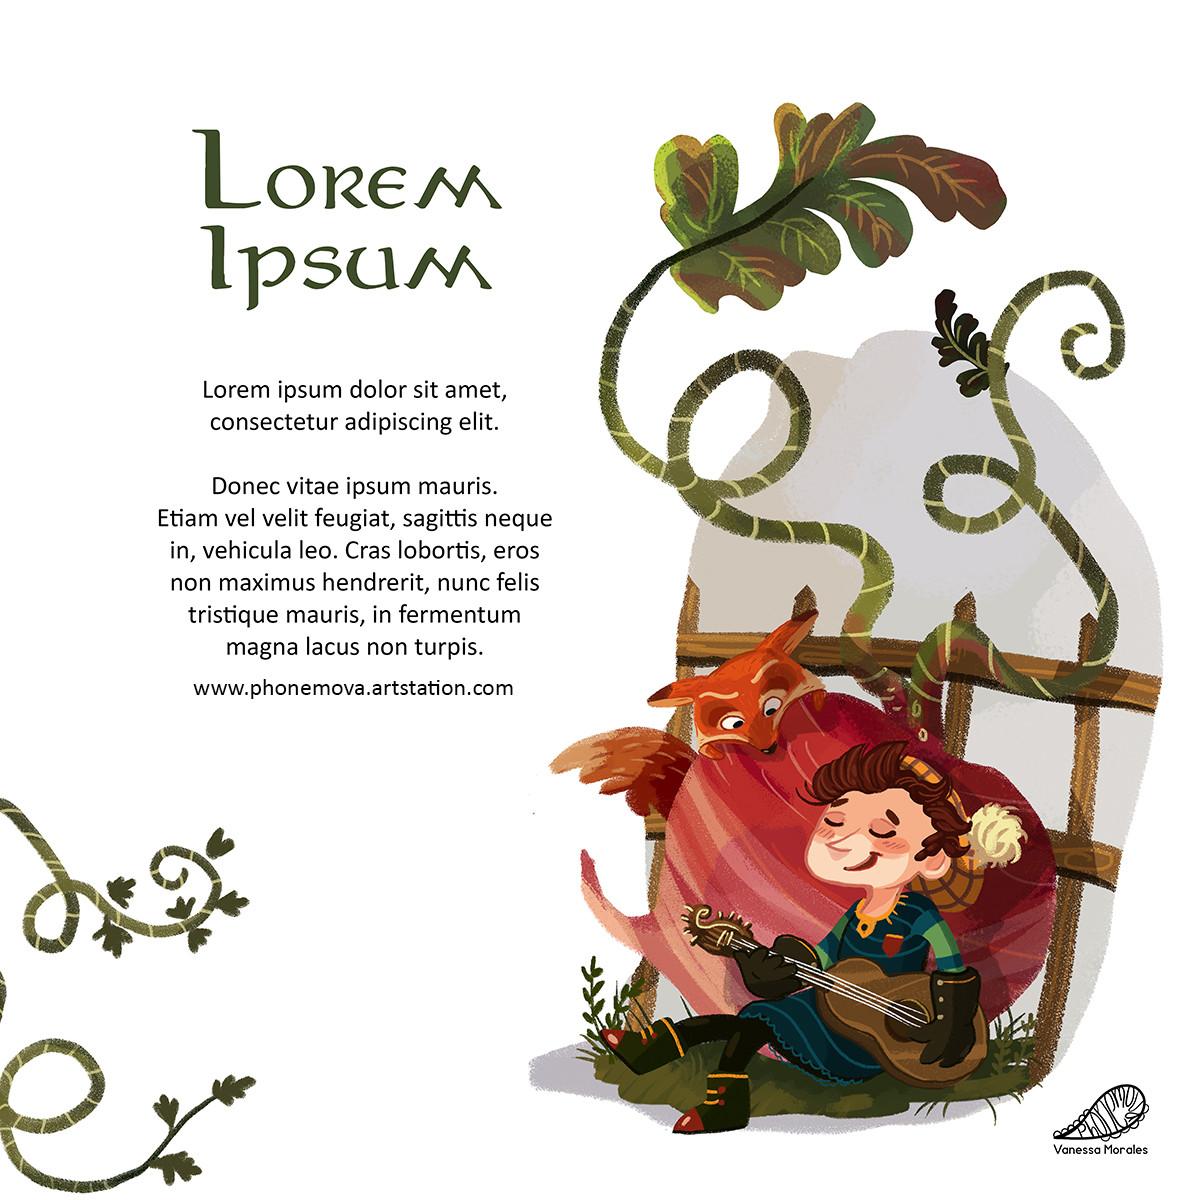 Vanessa morales duendes lorem ipsum